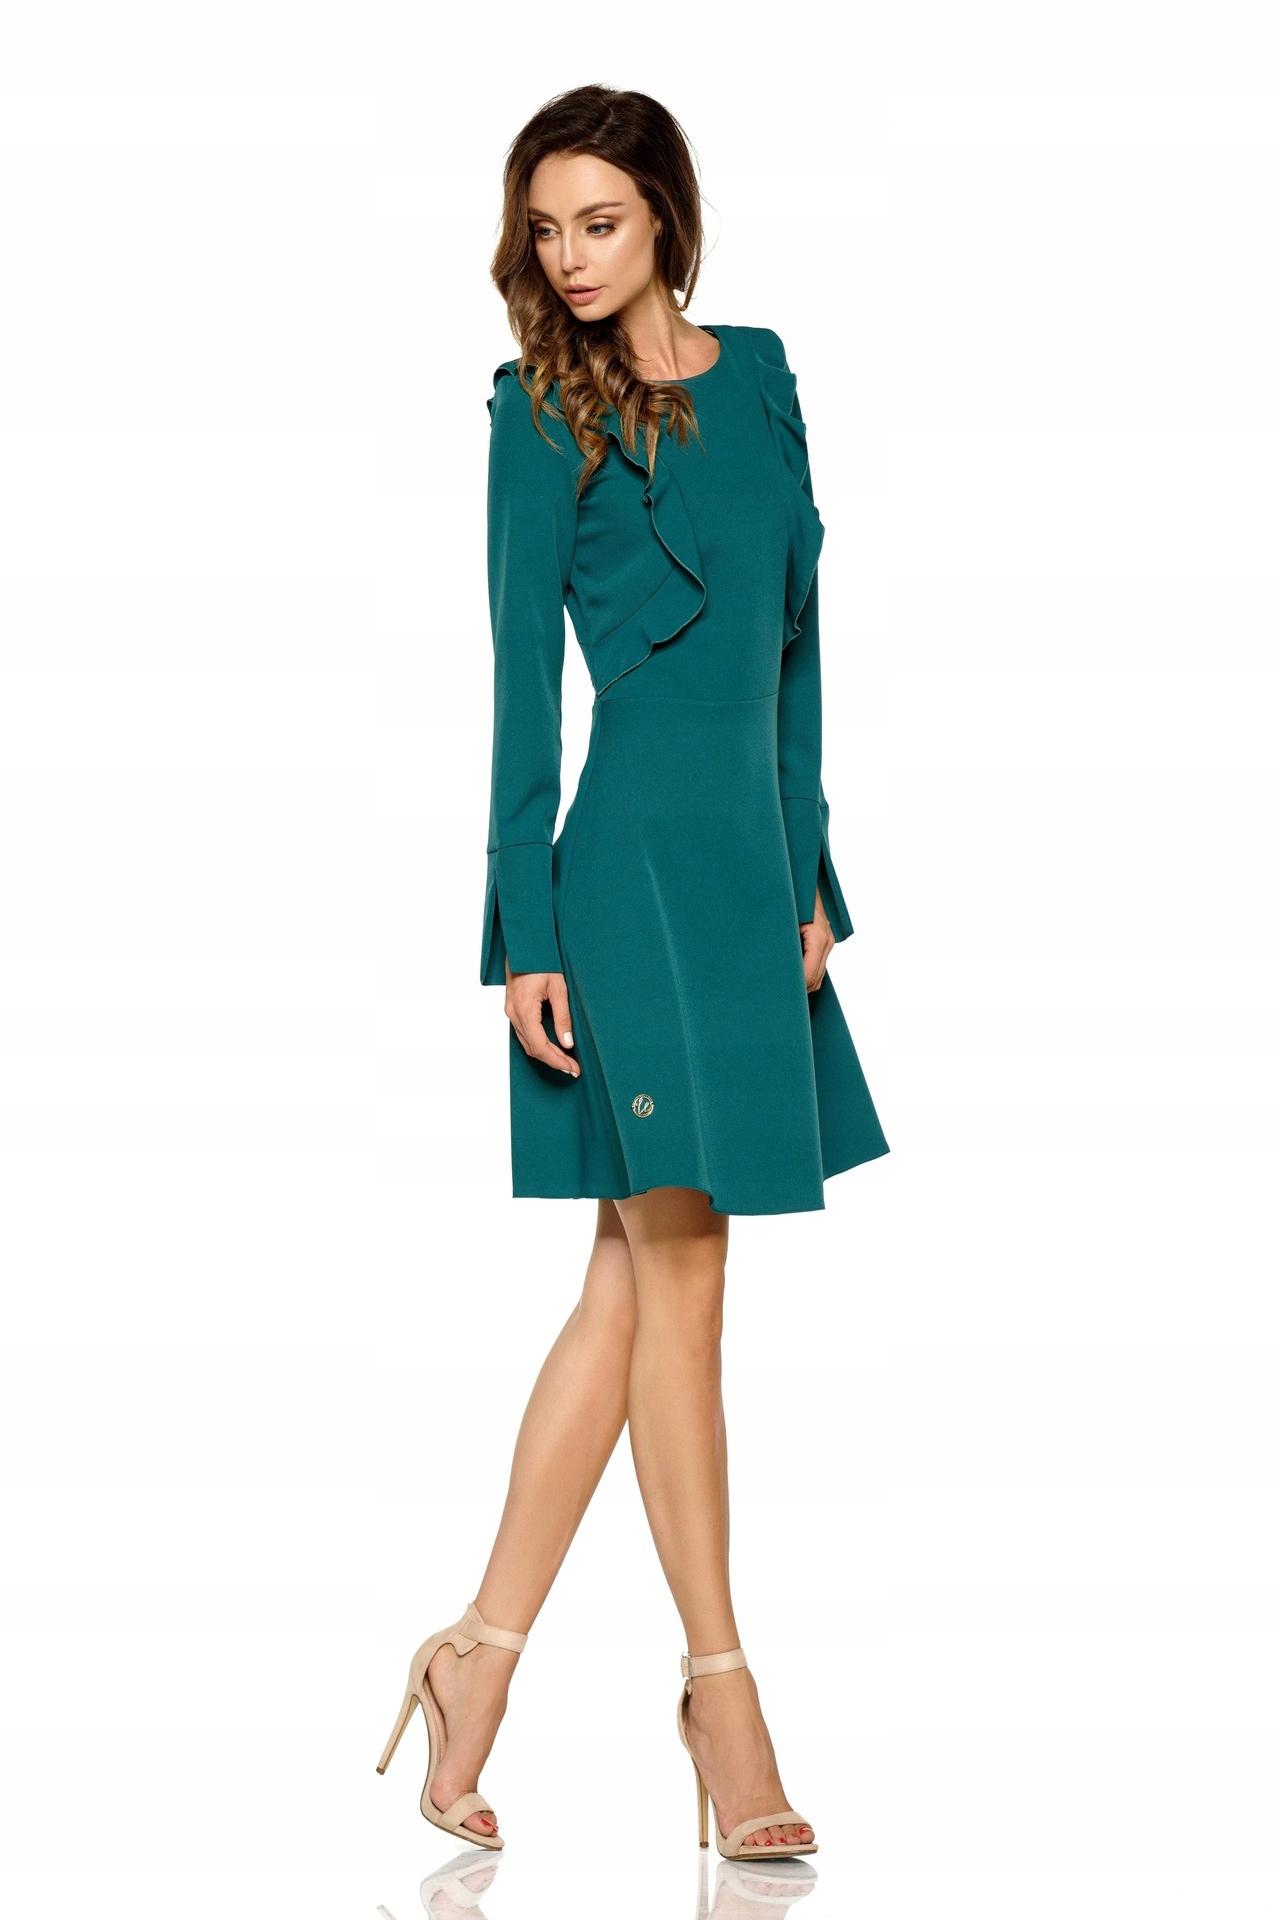 6bd869a63b LEMONIADE sukienka z długim rękawem S zielona - 7536379298 ...